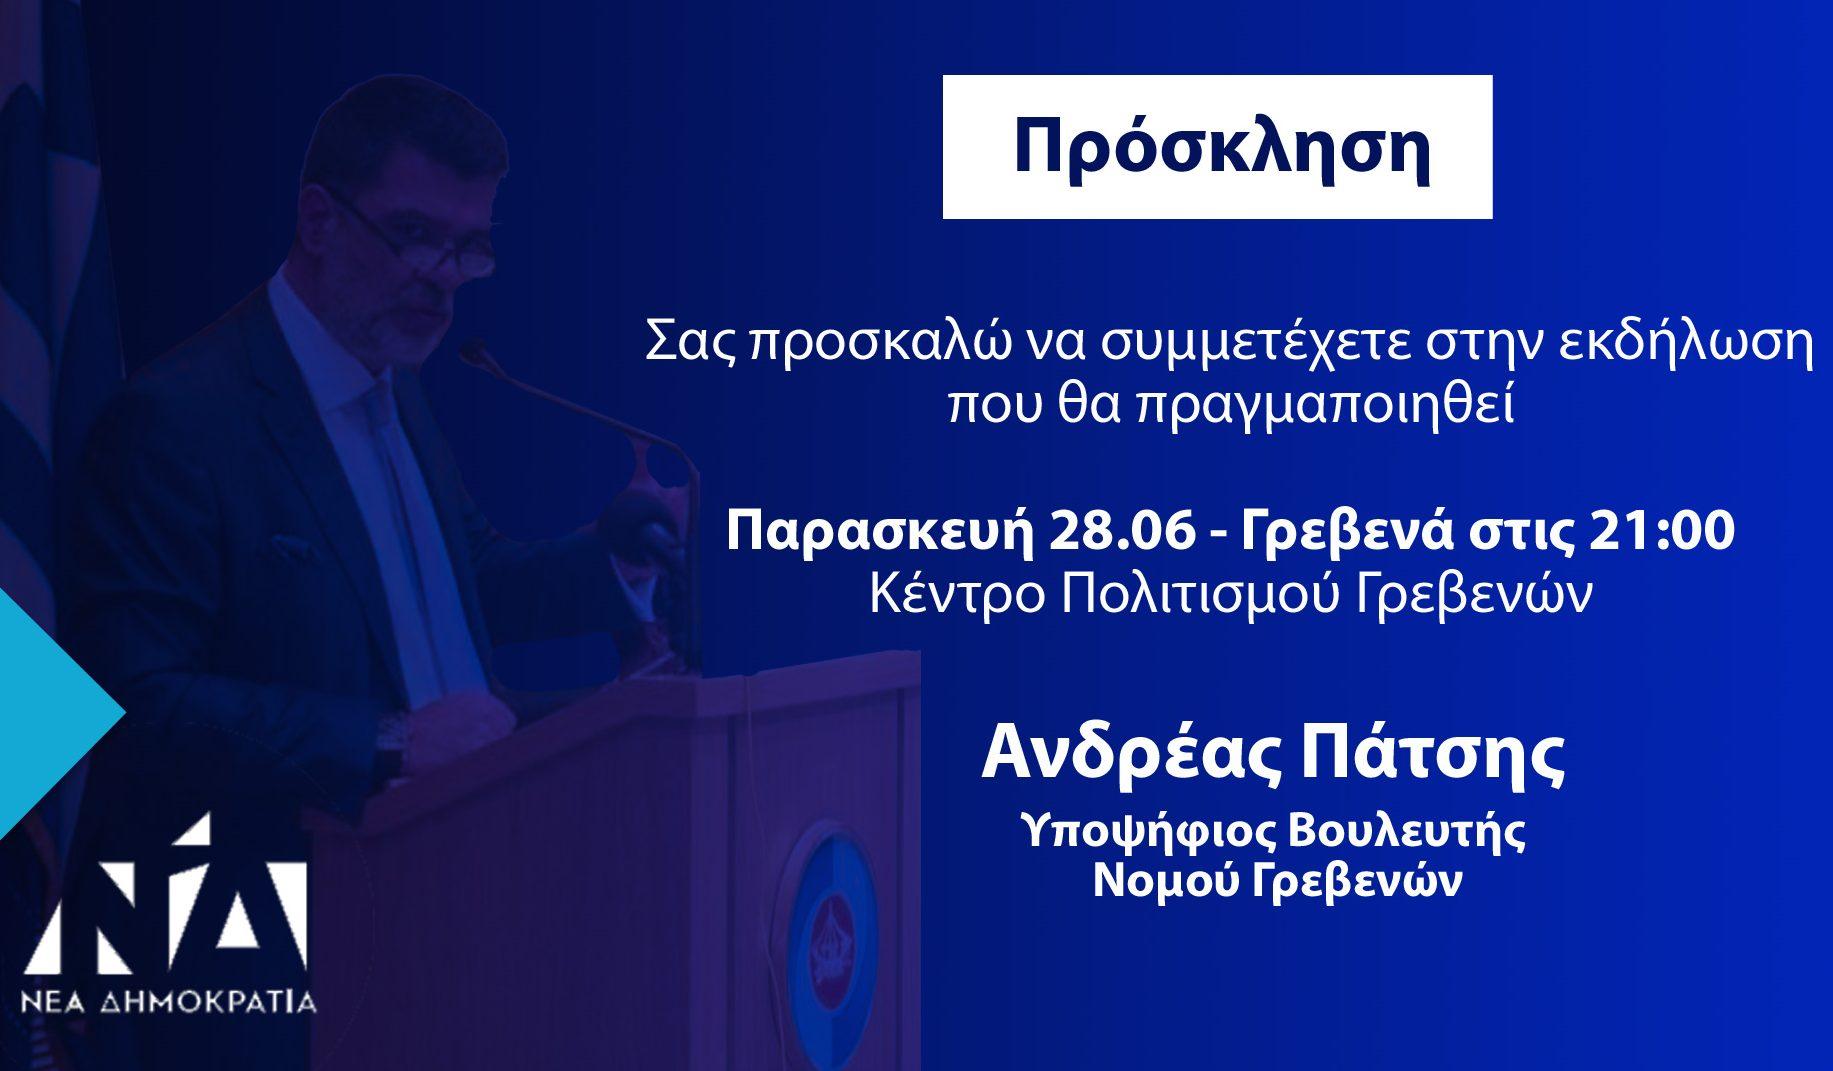 Ανοιχτή Ομιλία με την Νεολαία στο Κέντρο Πολιτισμού Γρεβενών σήμερα Παρασκευή 28 Ιουνίου